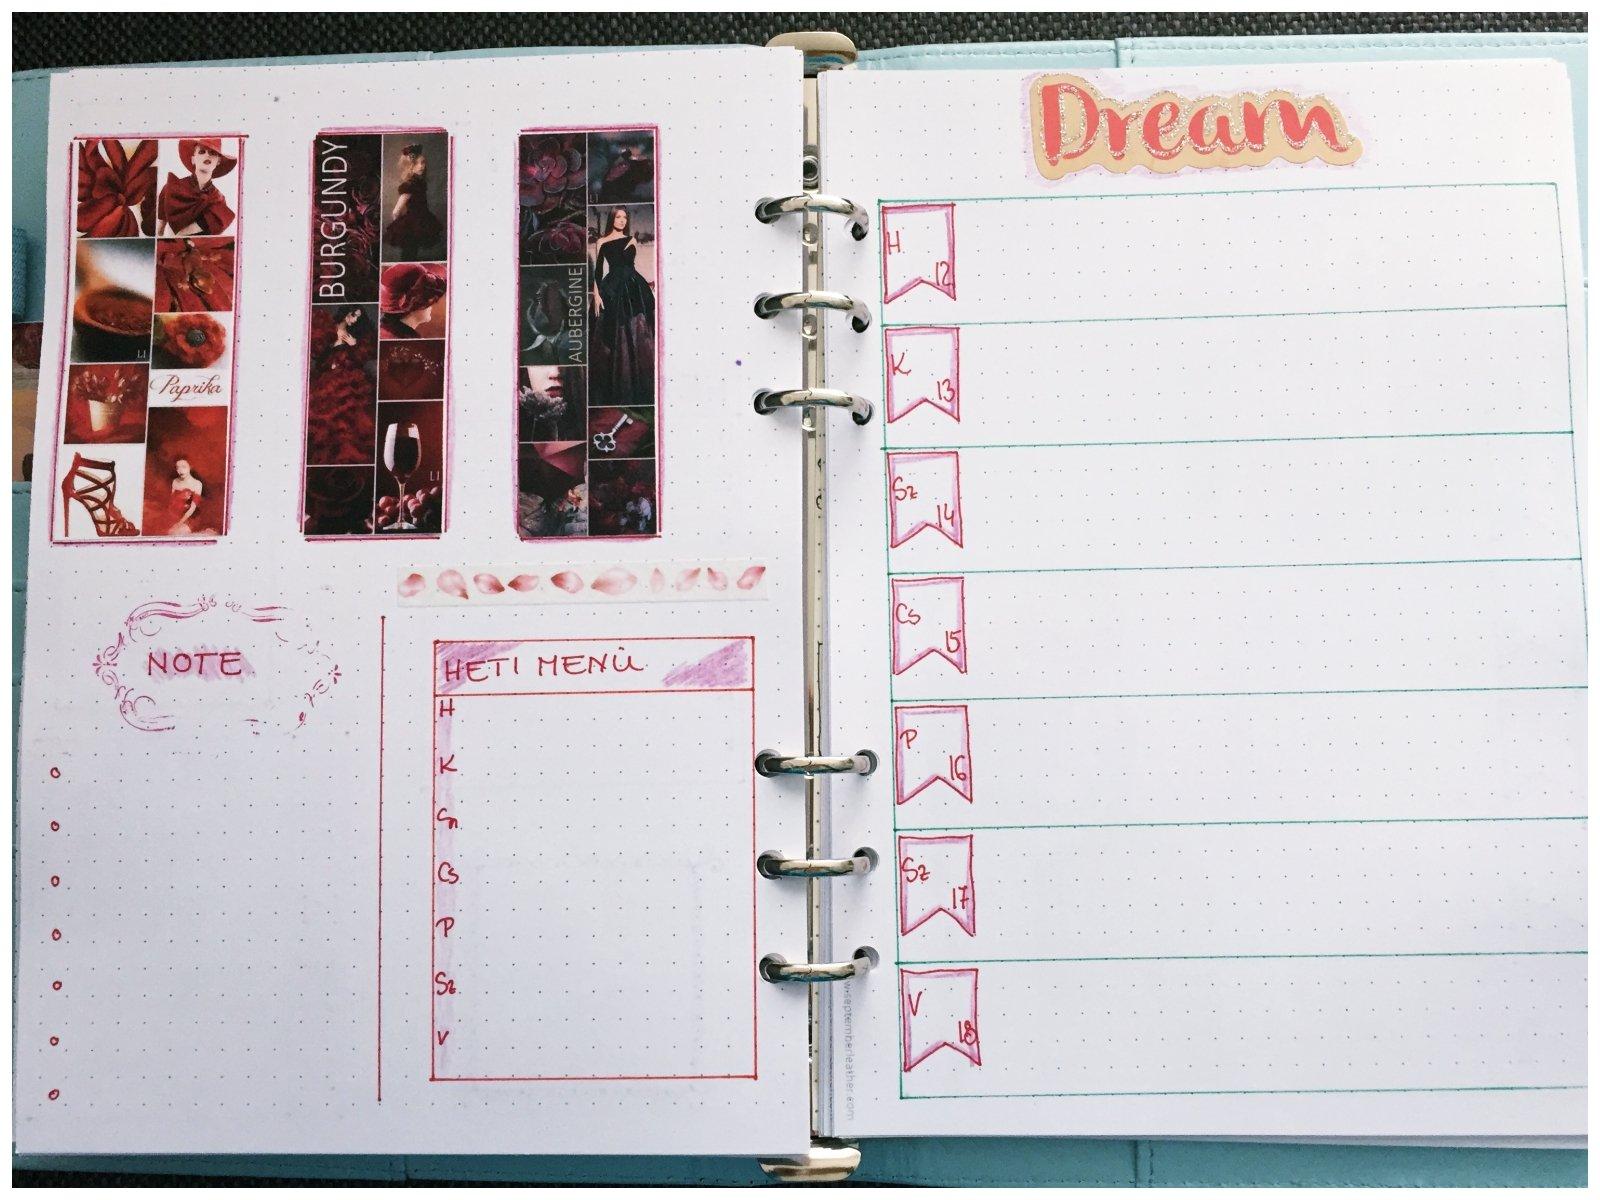 Bullet journal weekly planner November - itstartswithacoffee.com #bulletjournal #bulletjournaling #weeklyplanner #planner #November #bujo